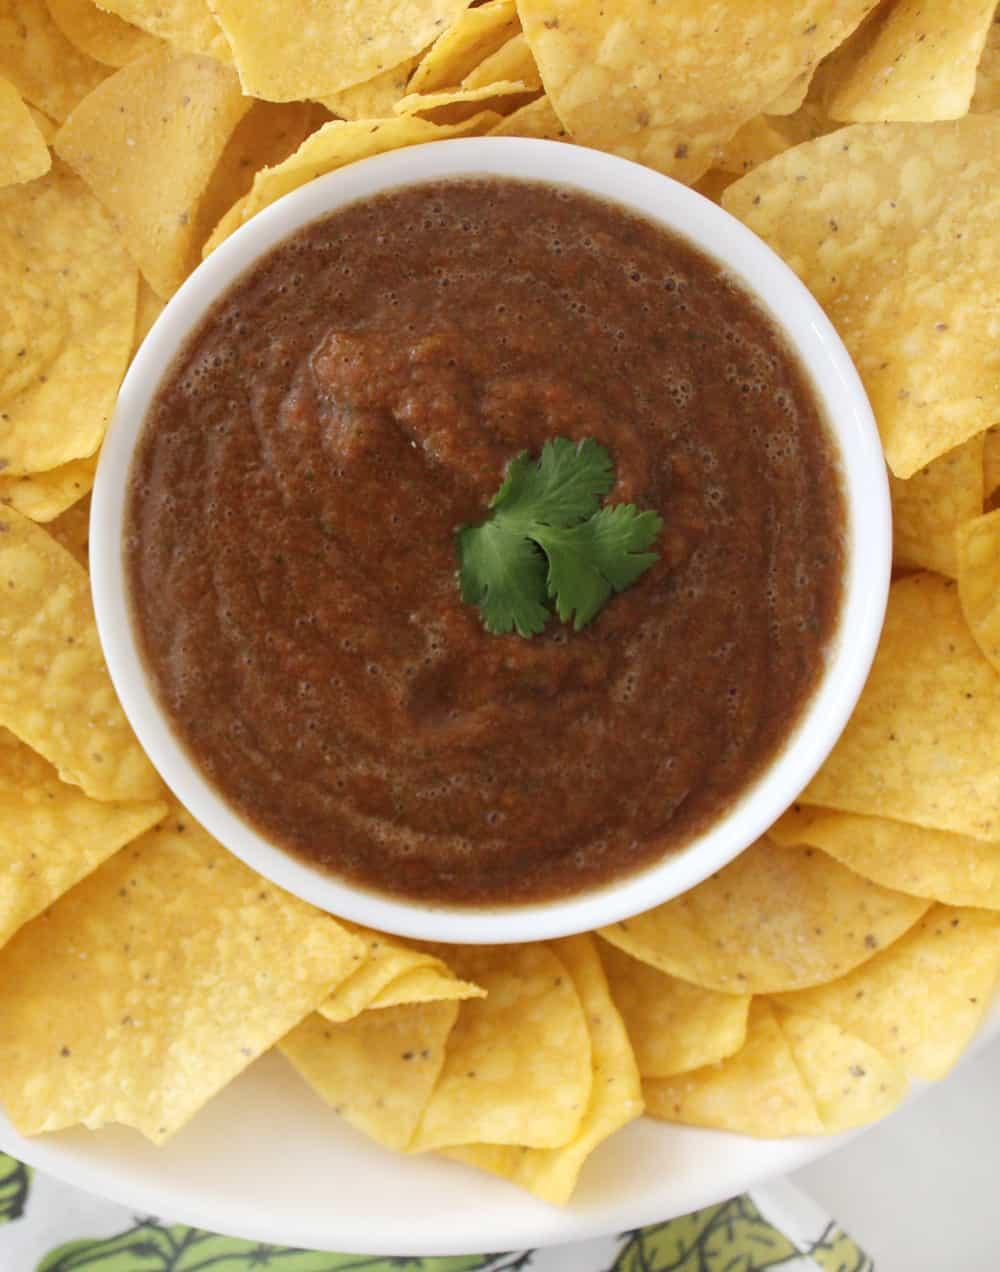 easy blender salsa ready to go